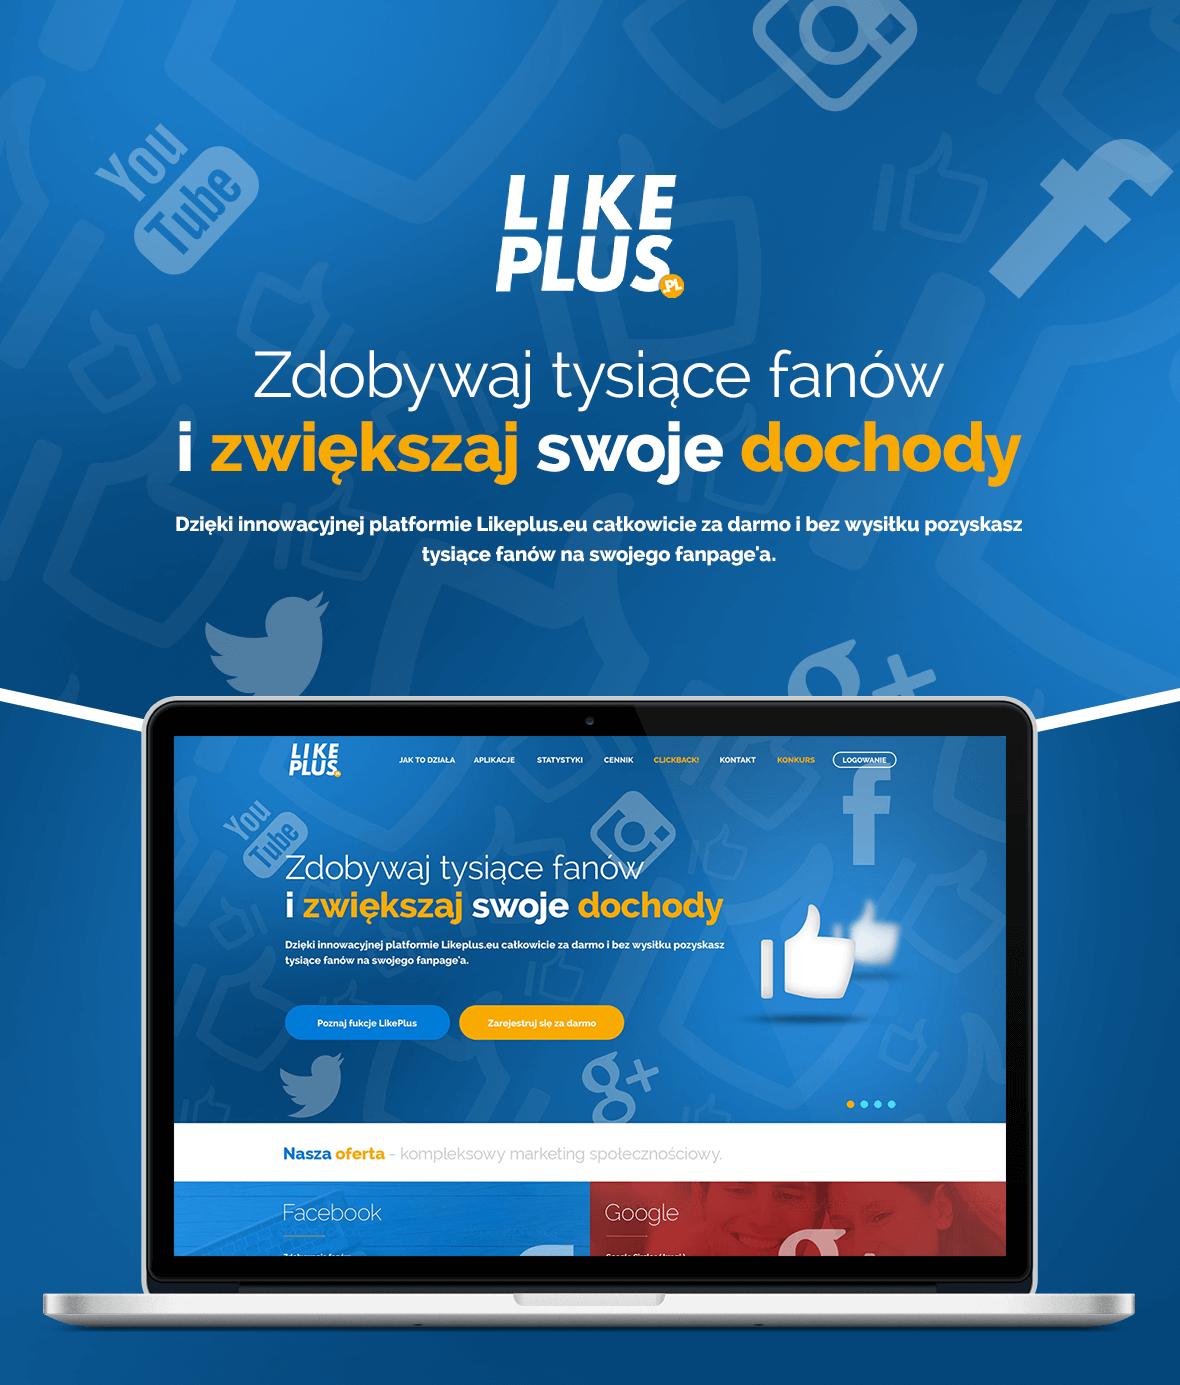 LikePlus